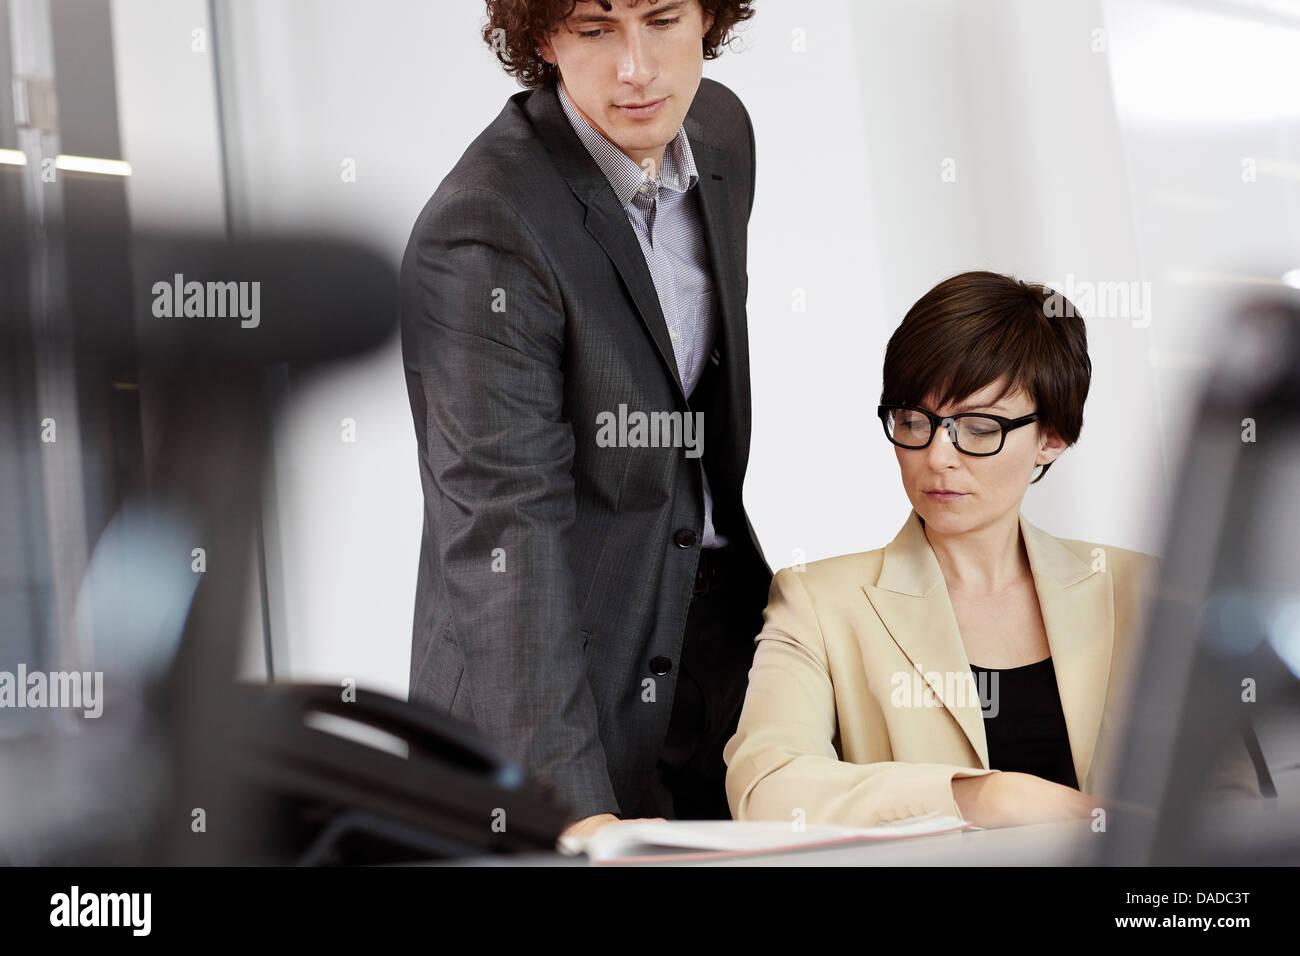 La empresaria sentados frente al escritorio, el hombre mirando por encima del hombro al papeleo Foto de stock